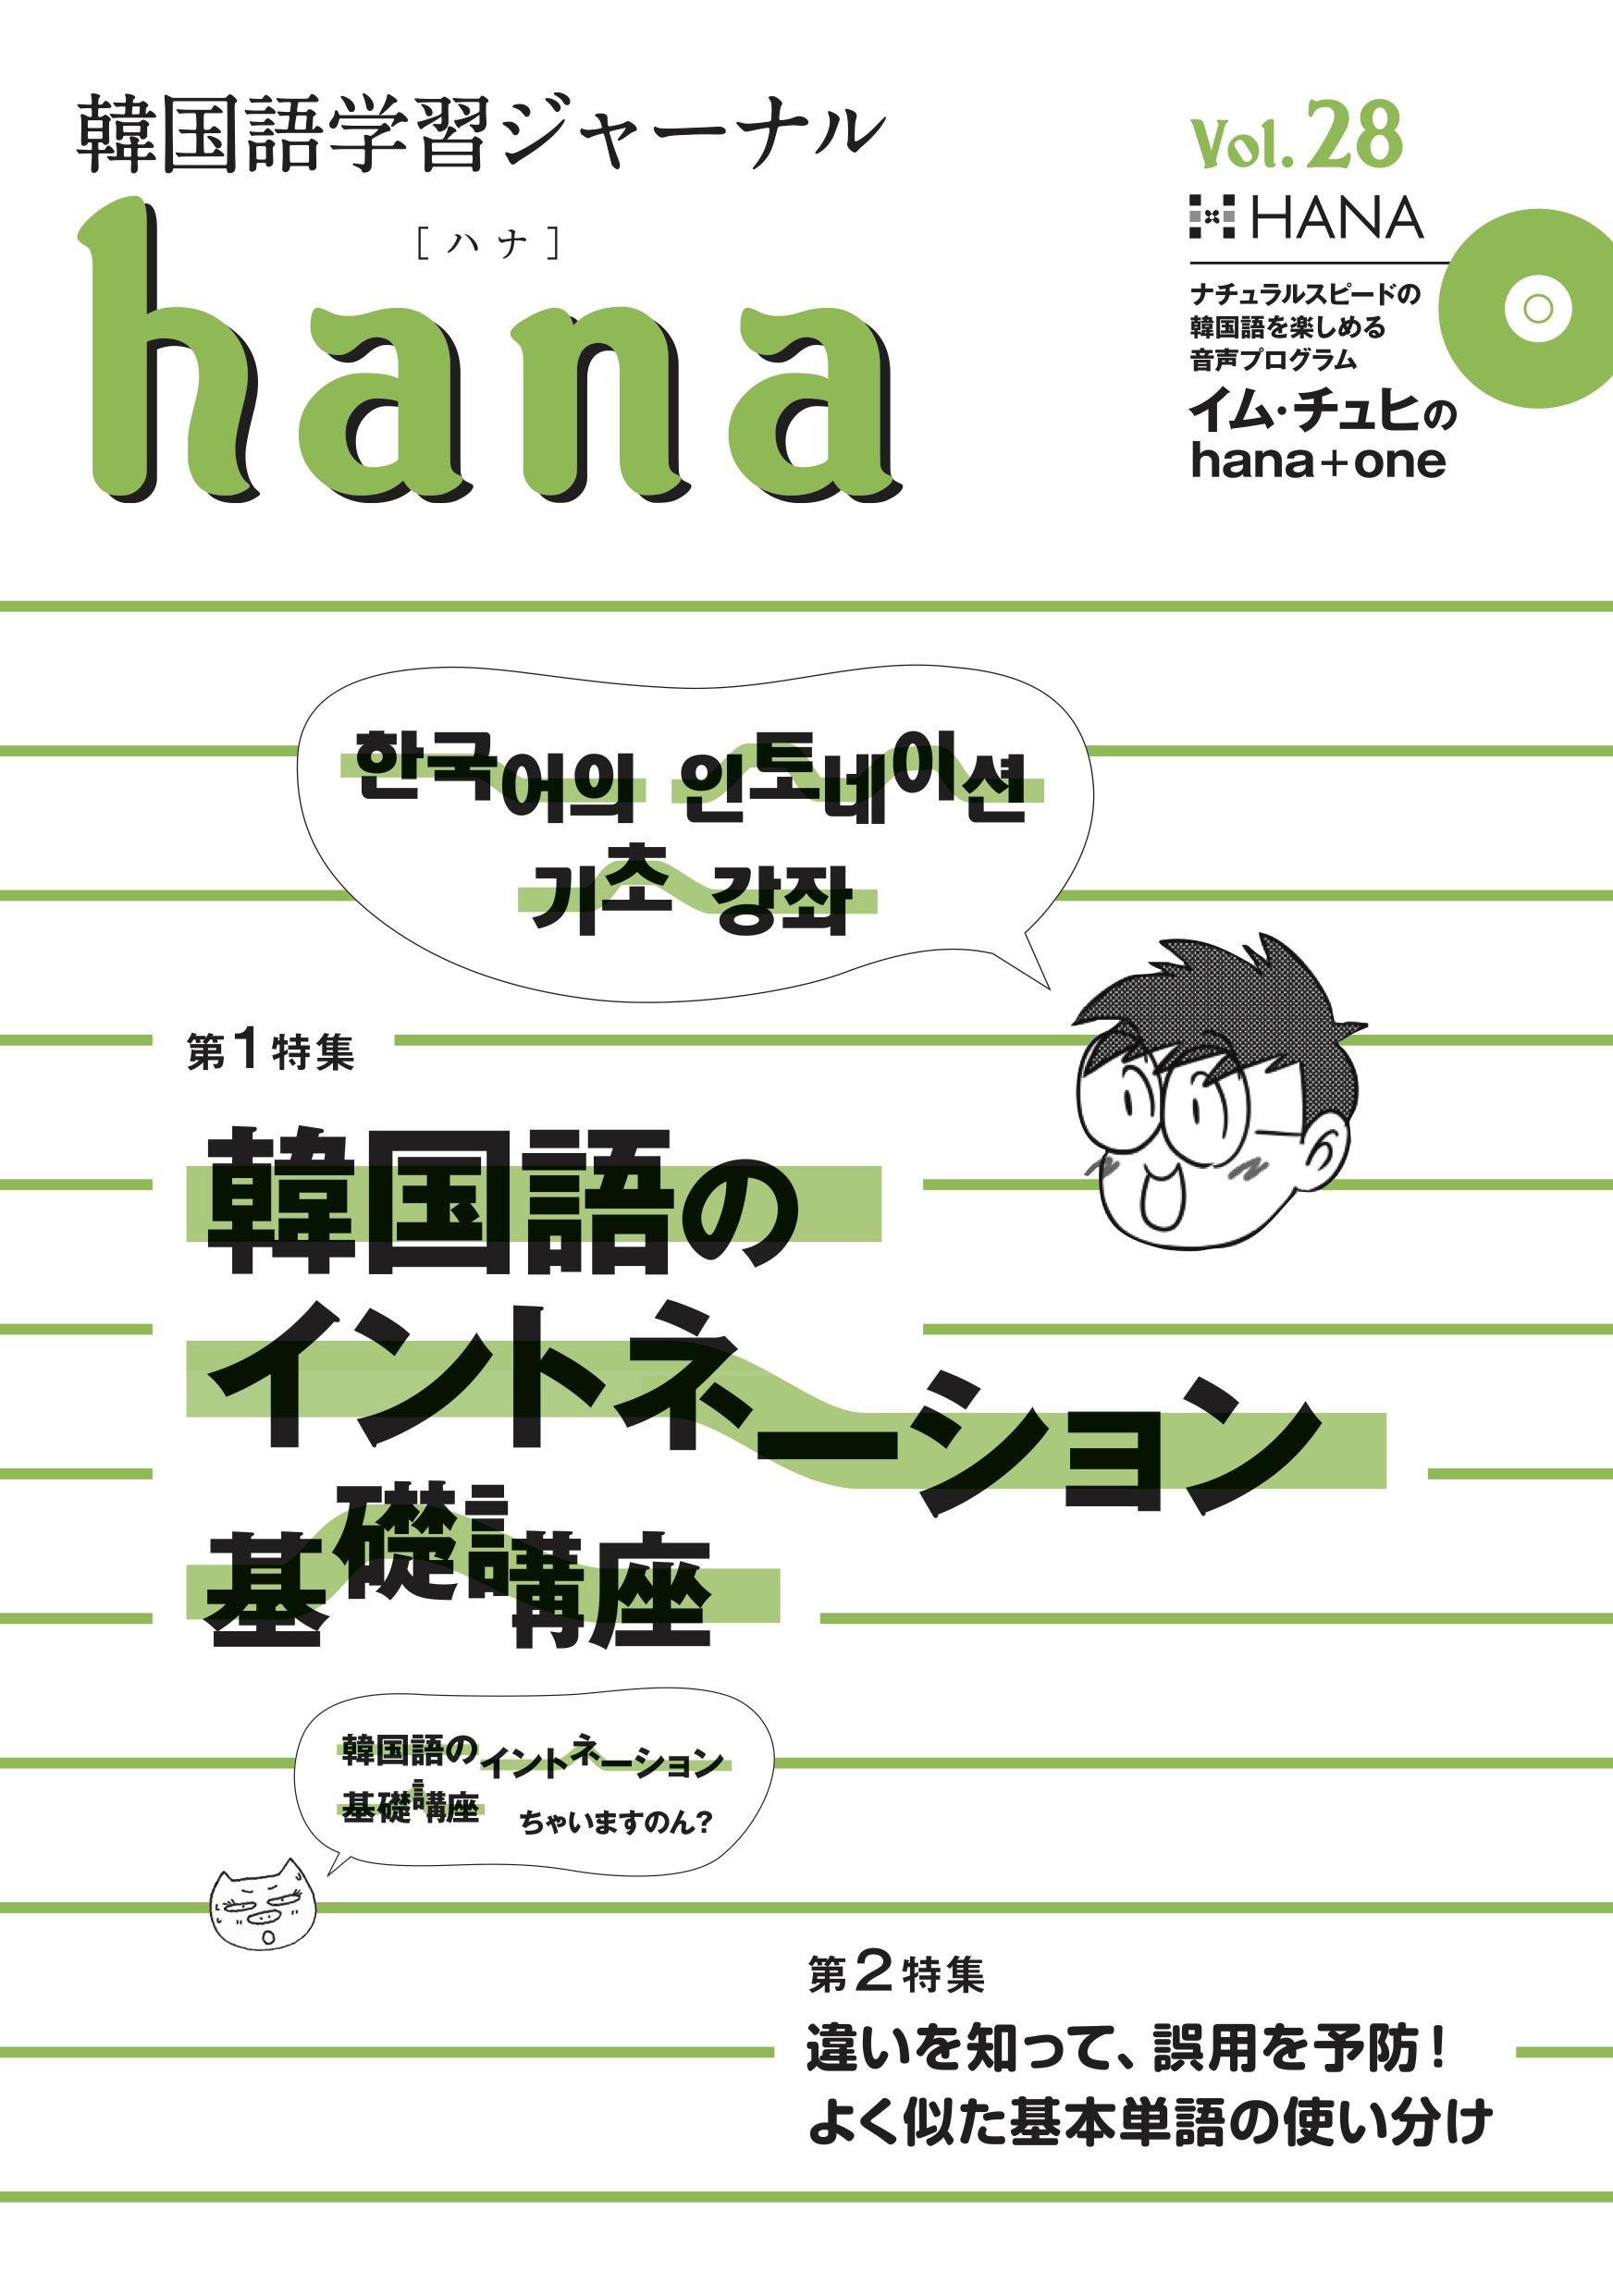 『韓国語学習ジャーナルhana Vol. 28』のイメージ